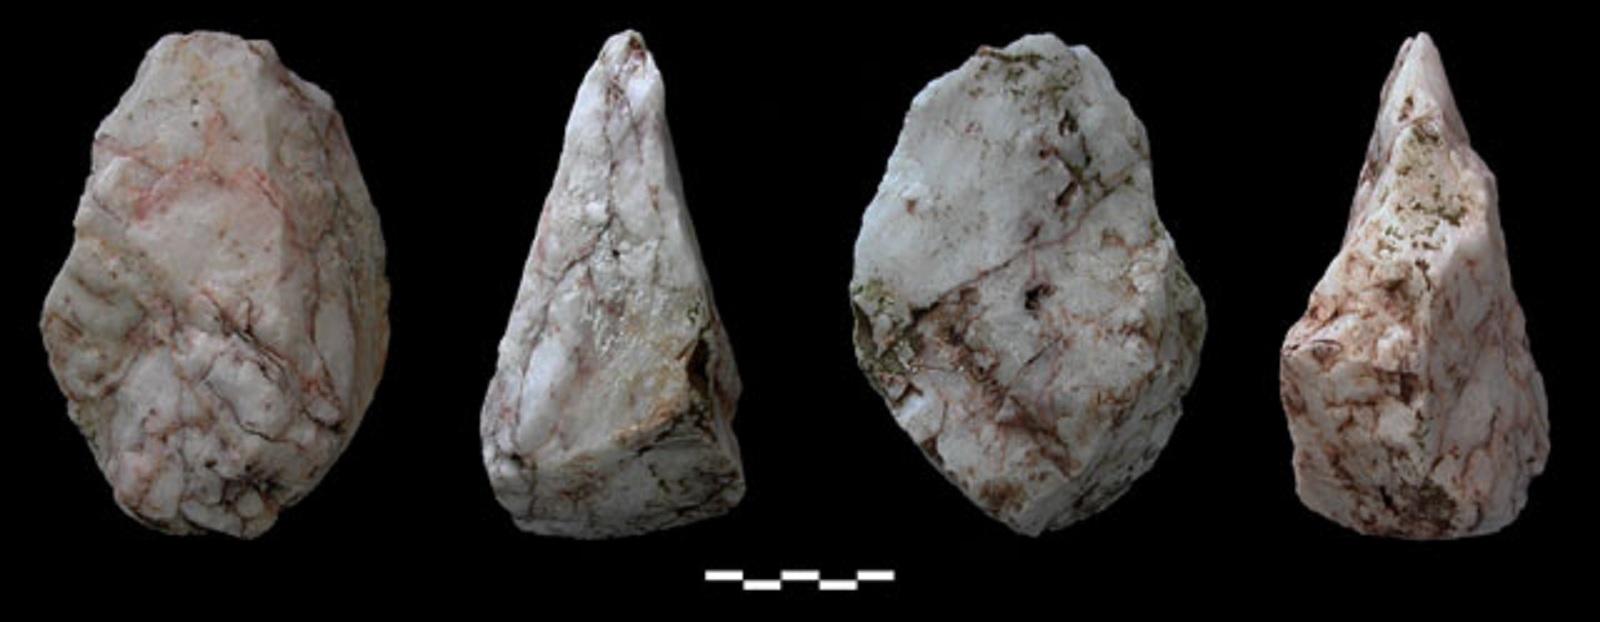 Ἐπίσημος παραδοχή τοῦ ὑπουργείου γιά τήν ὑπάρξιν ναυσιπλοΐας πρό τοὐλάχιστον 130.000 χρόνια;2